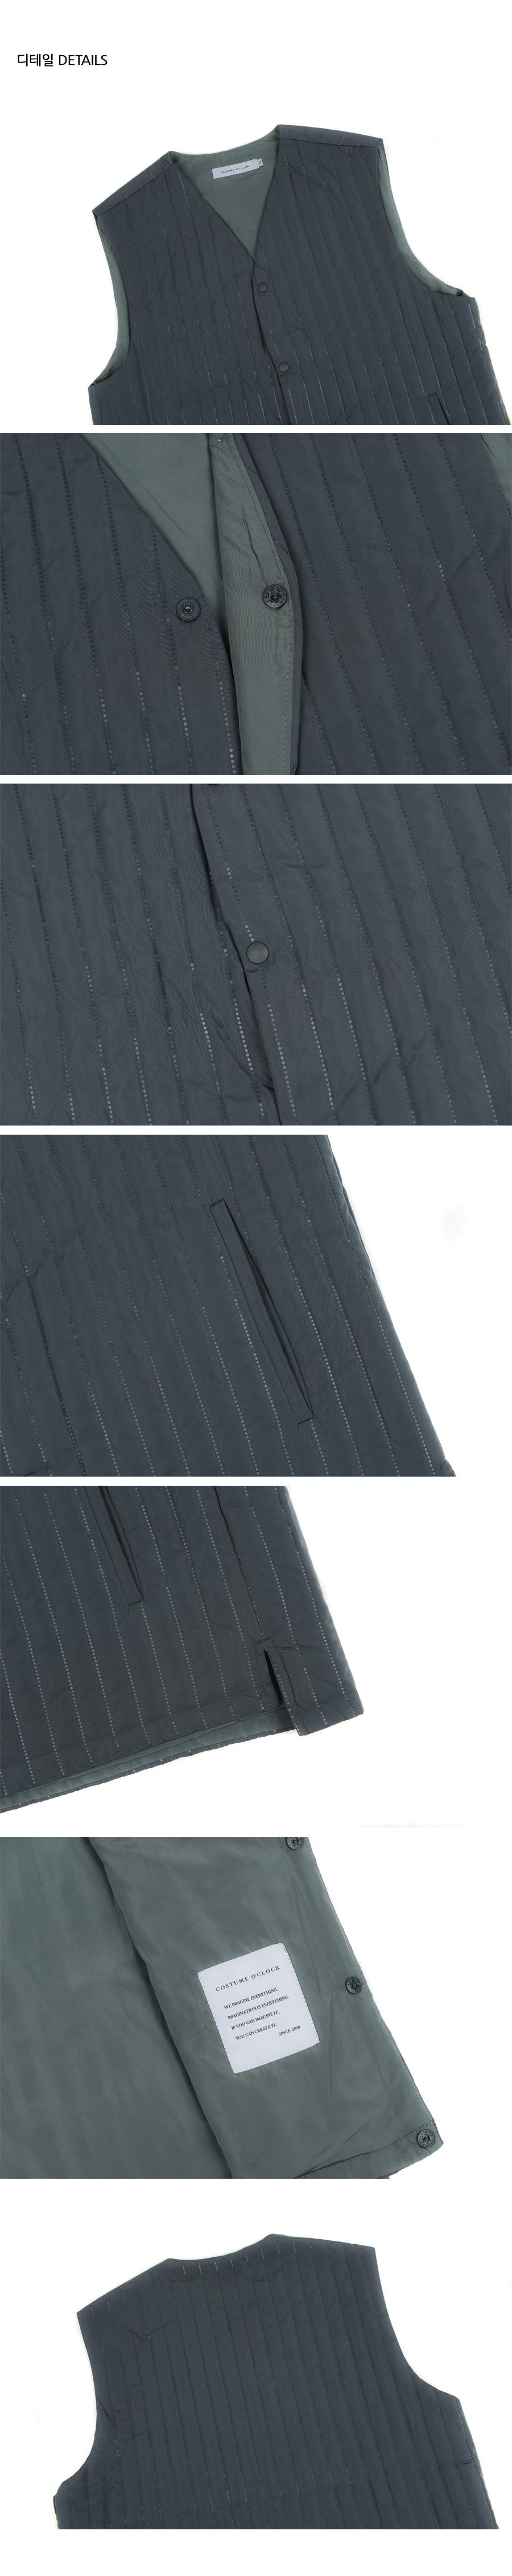 커스텀어클락(COSTUME O'CLOCK) 에드히시브 퀼팅 스트라이프 패딩 베스트 그레이